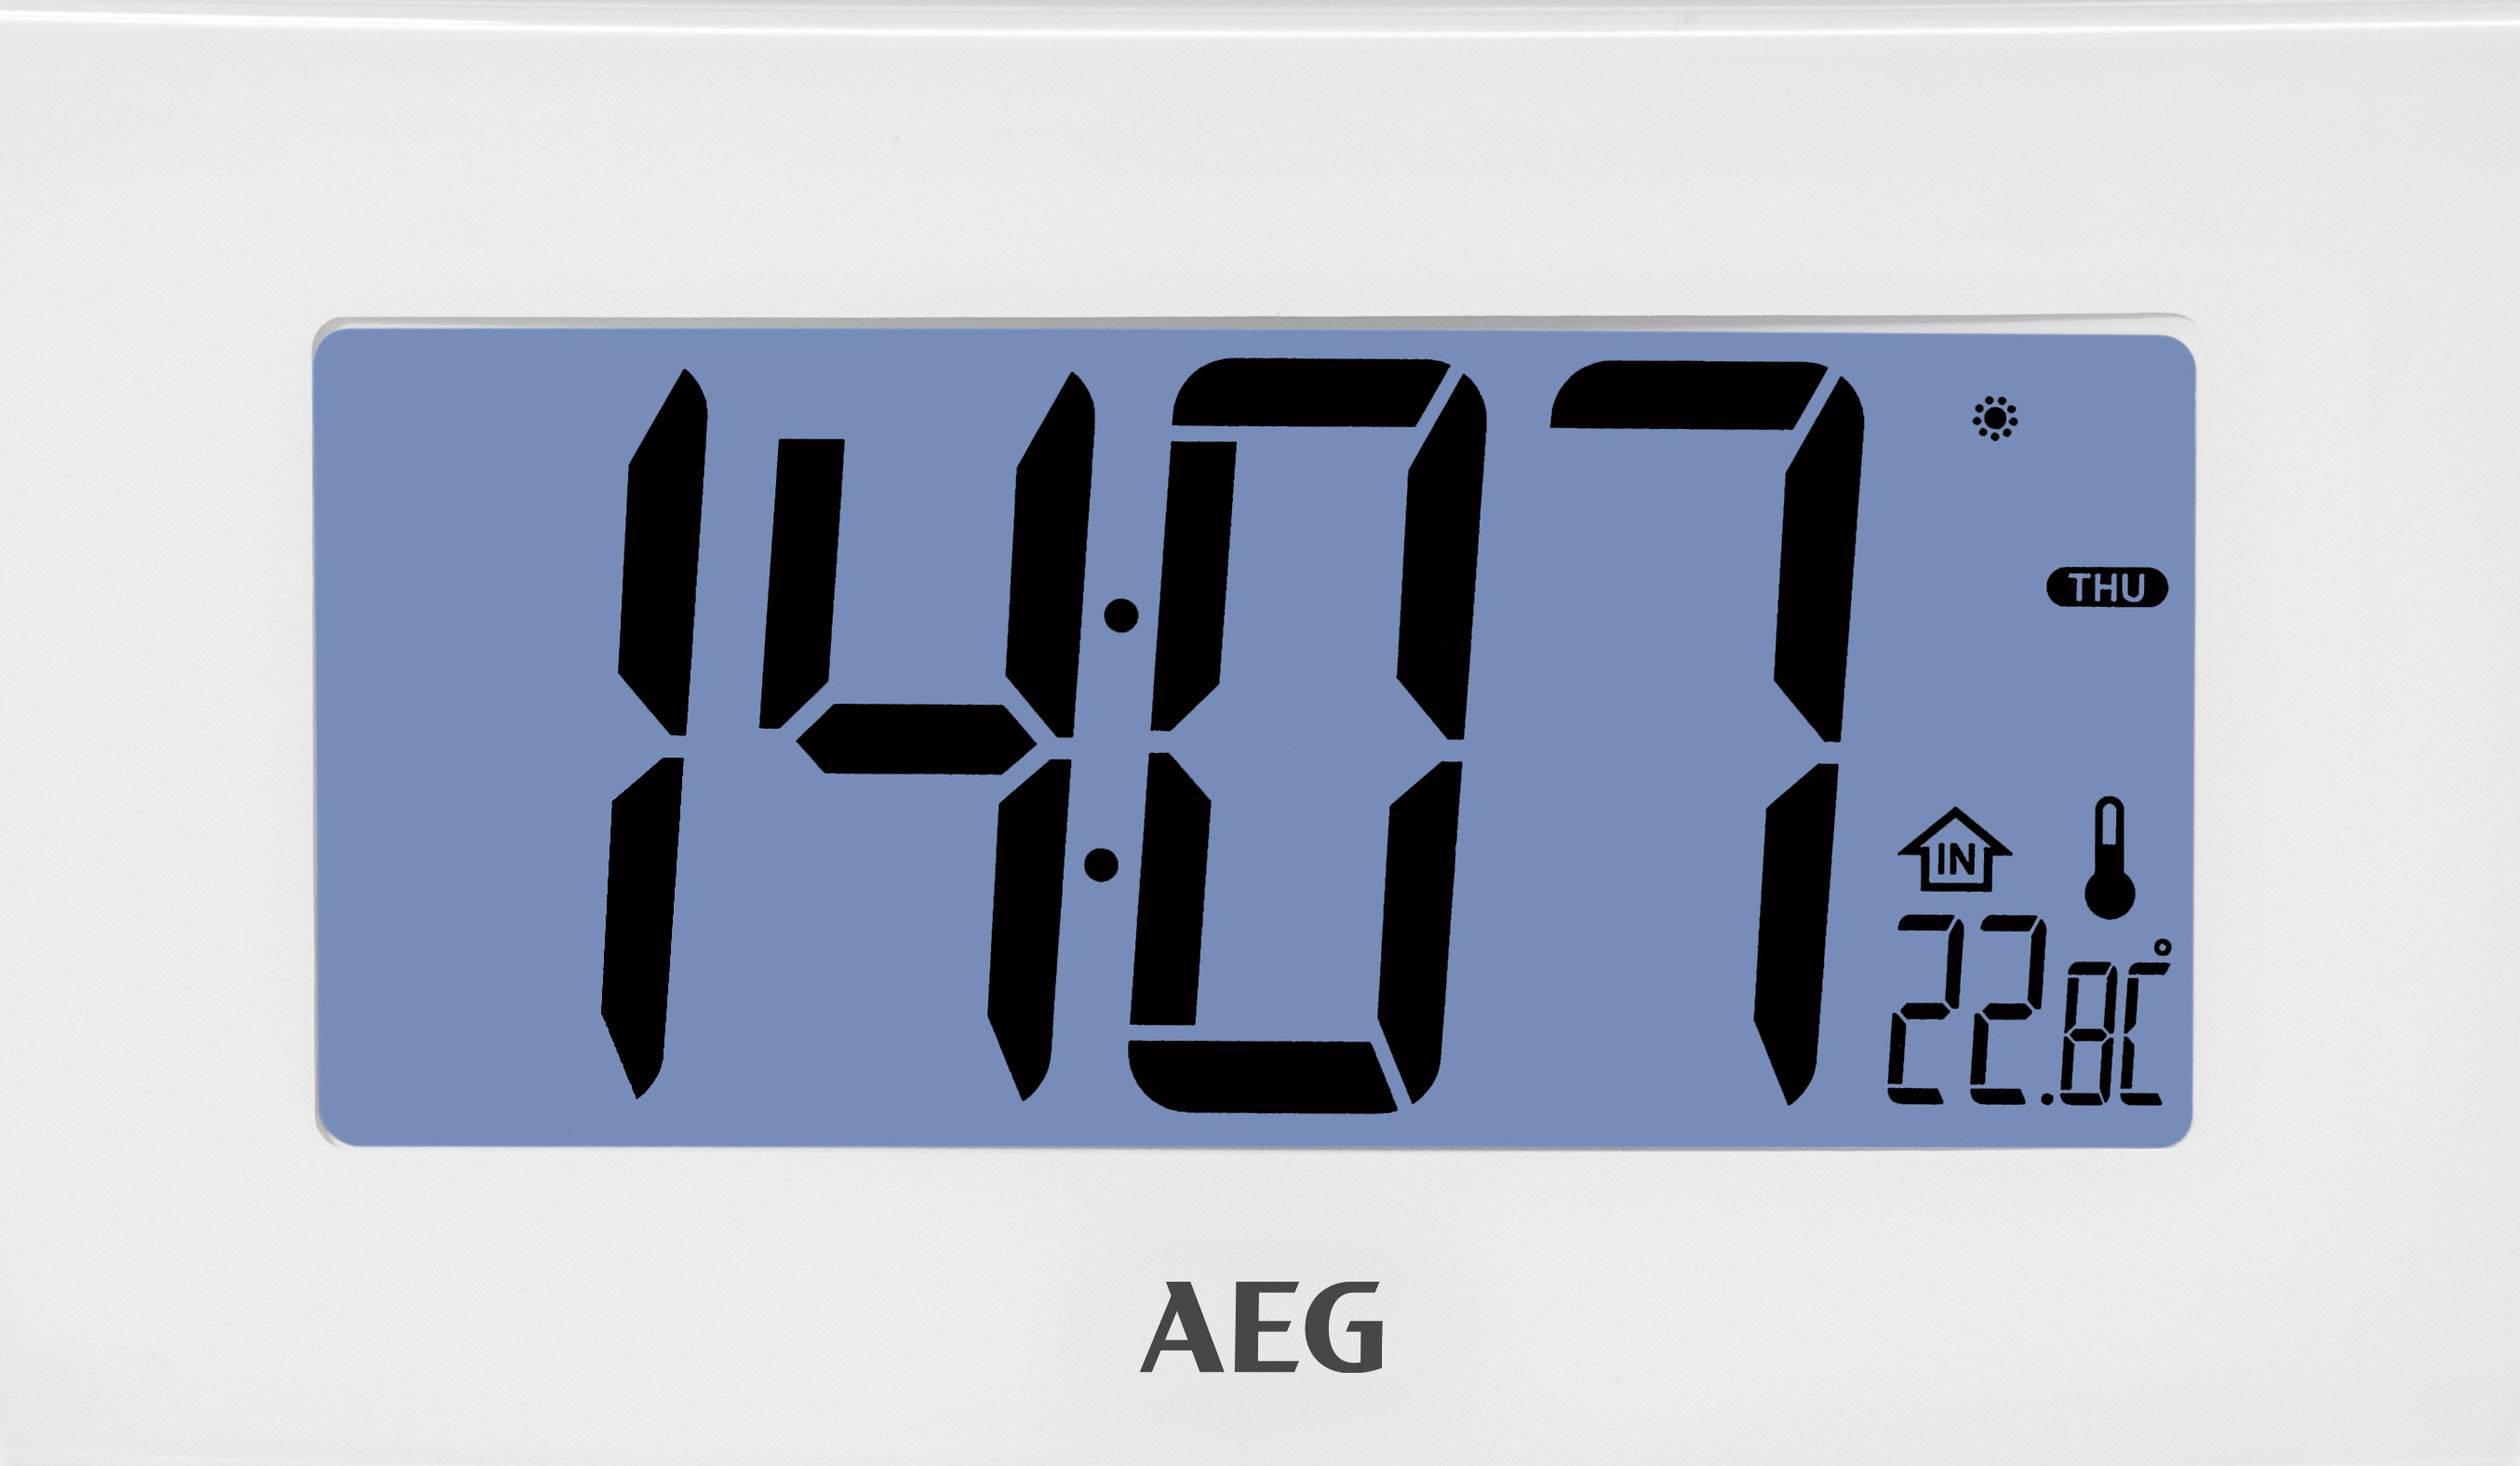 Aeg Kühlschrank Hotline : Ukw radiowecker aeg mrc p n aux ukw weiß kaufen